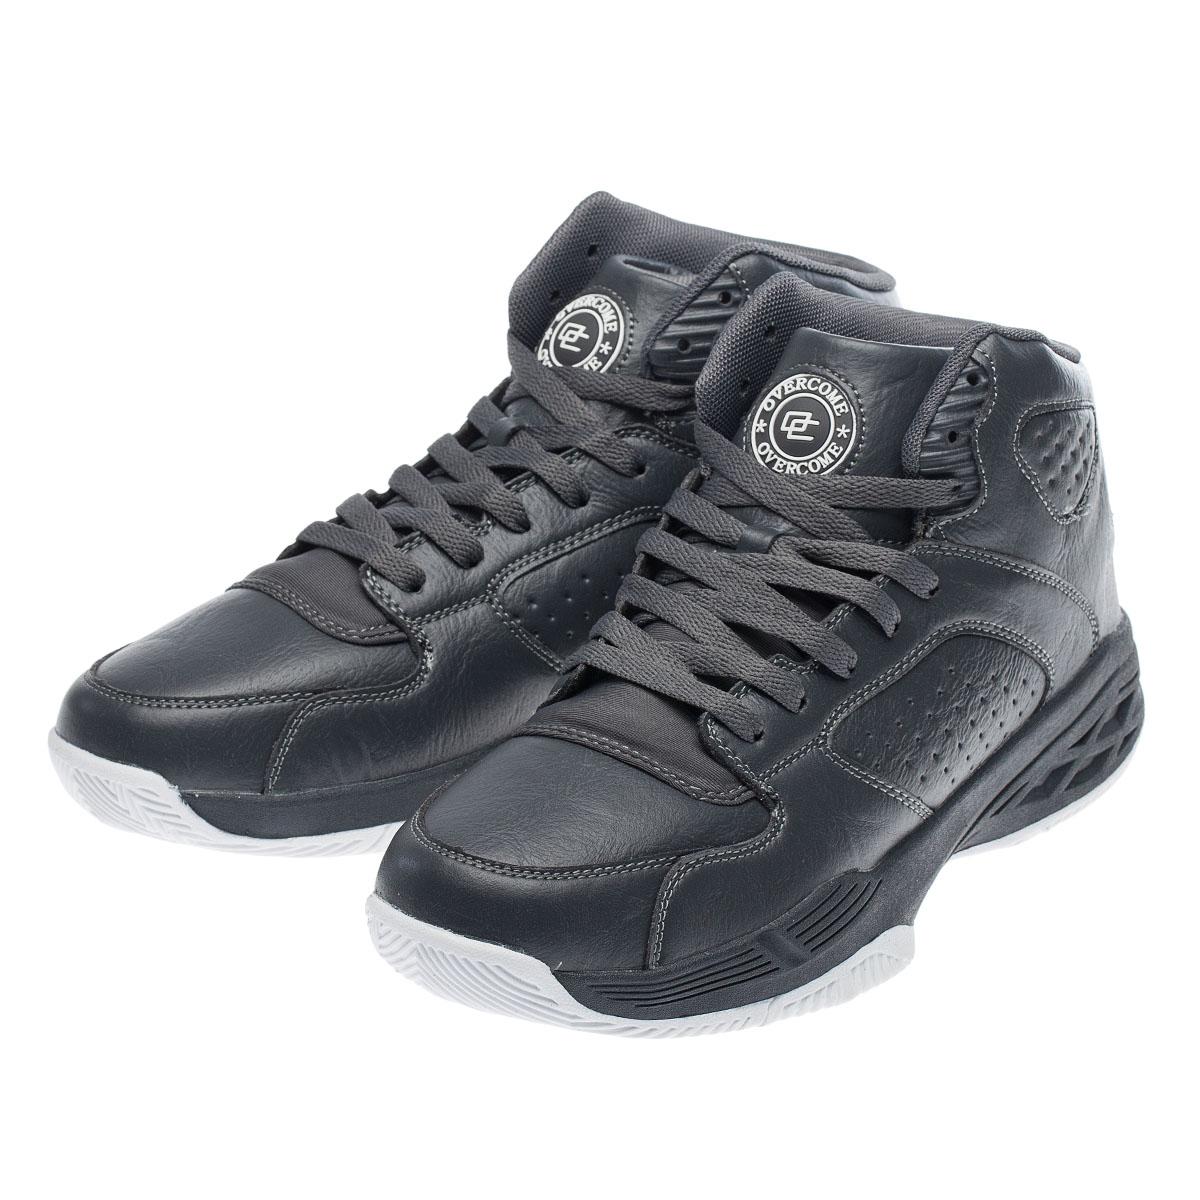 Ботинки демисезонные Overcome, 86355 демисезонные ботинки dior 2015 d995902